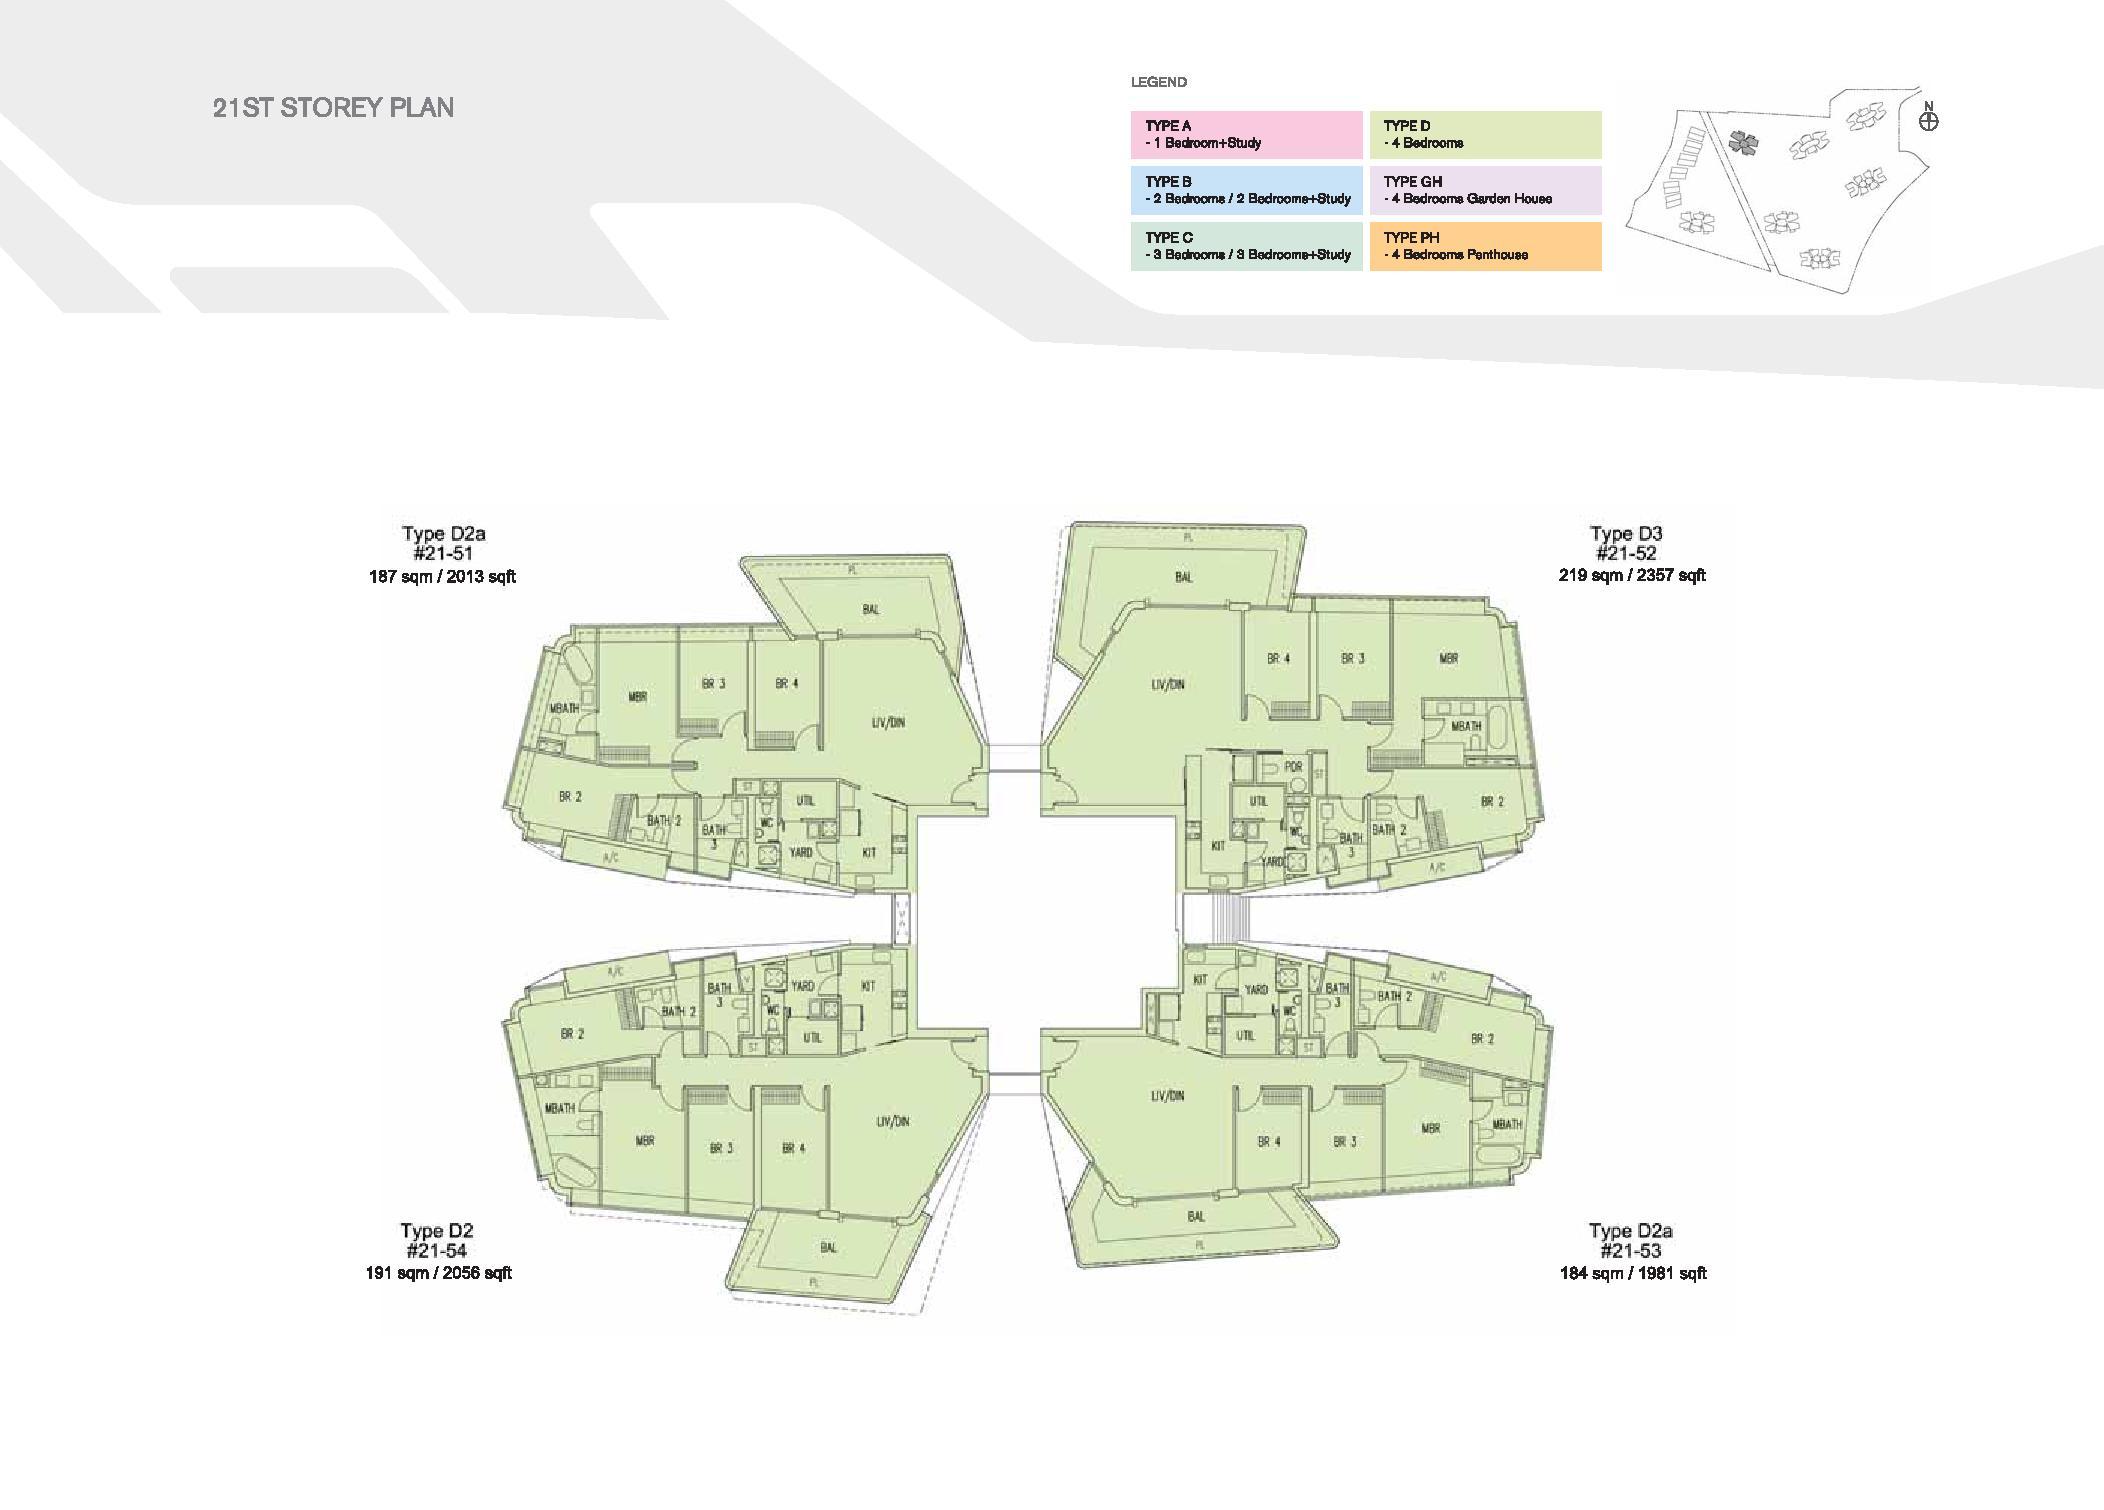 D'Leedon Block 15 21st Storey Floor Plans